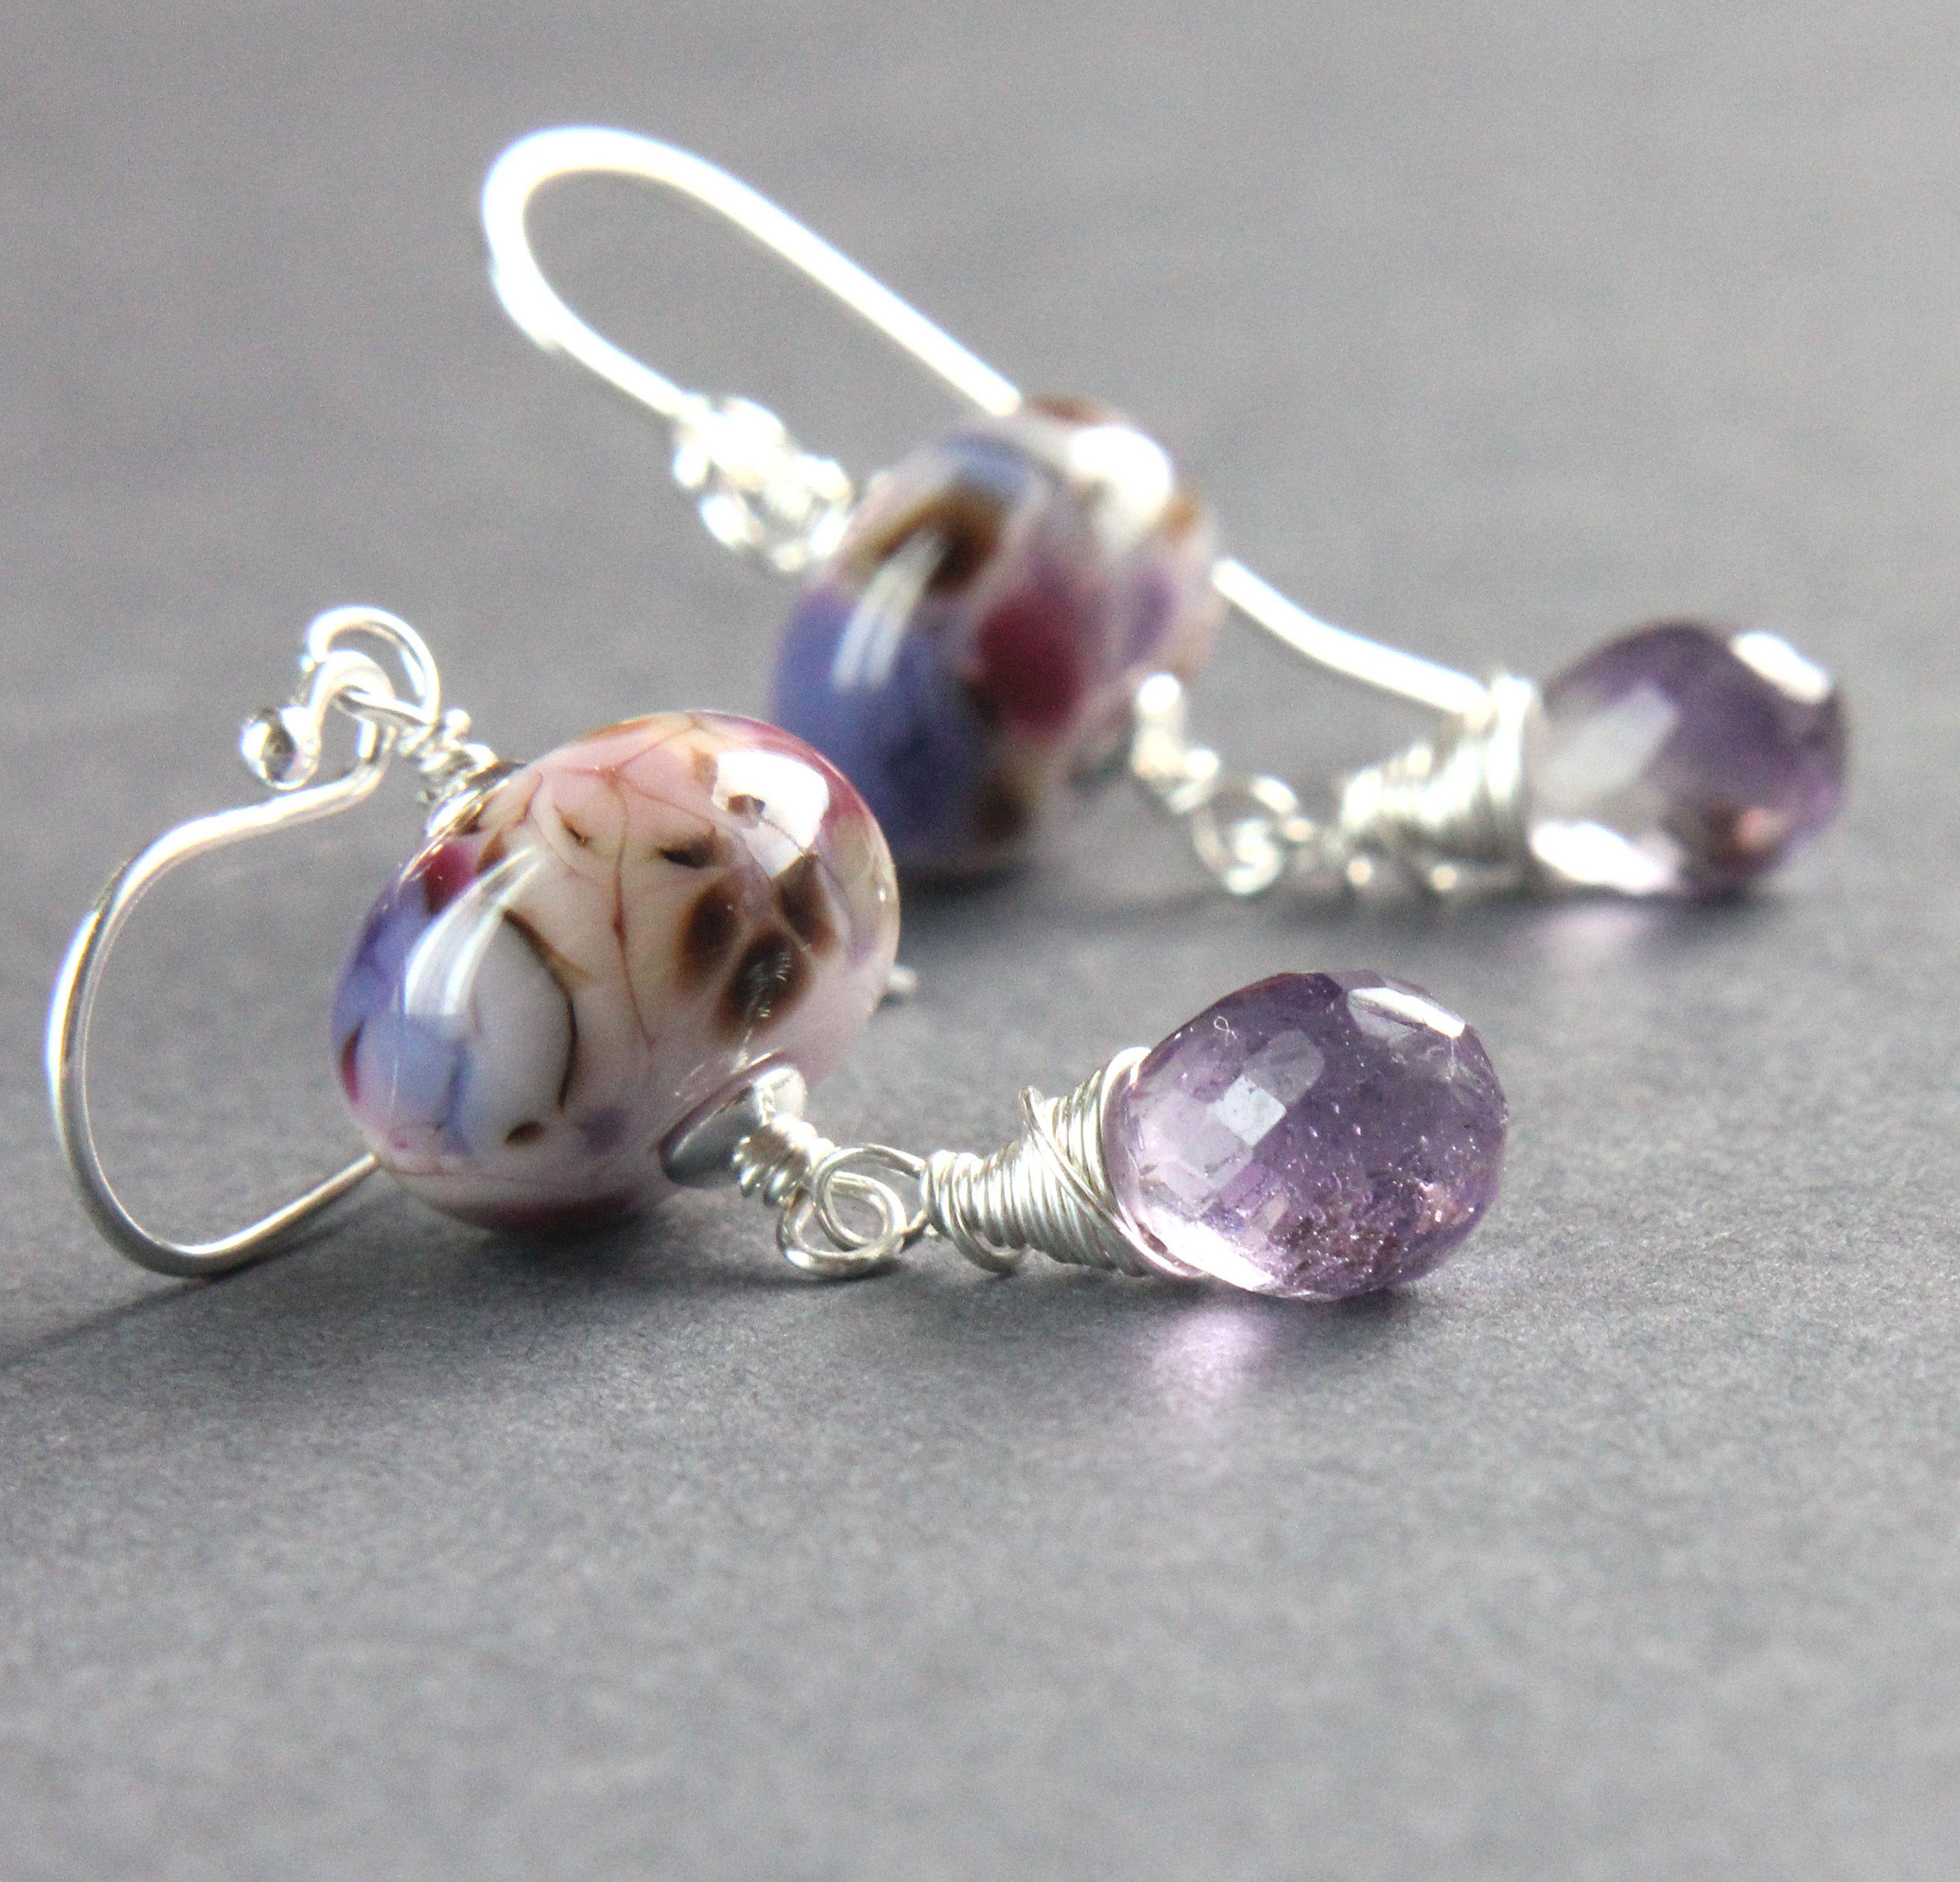 purpleearrings madeforwomen